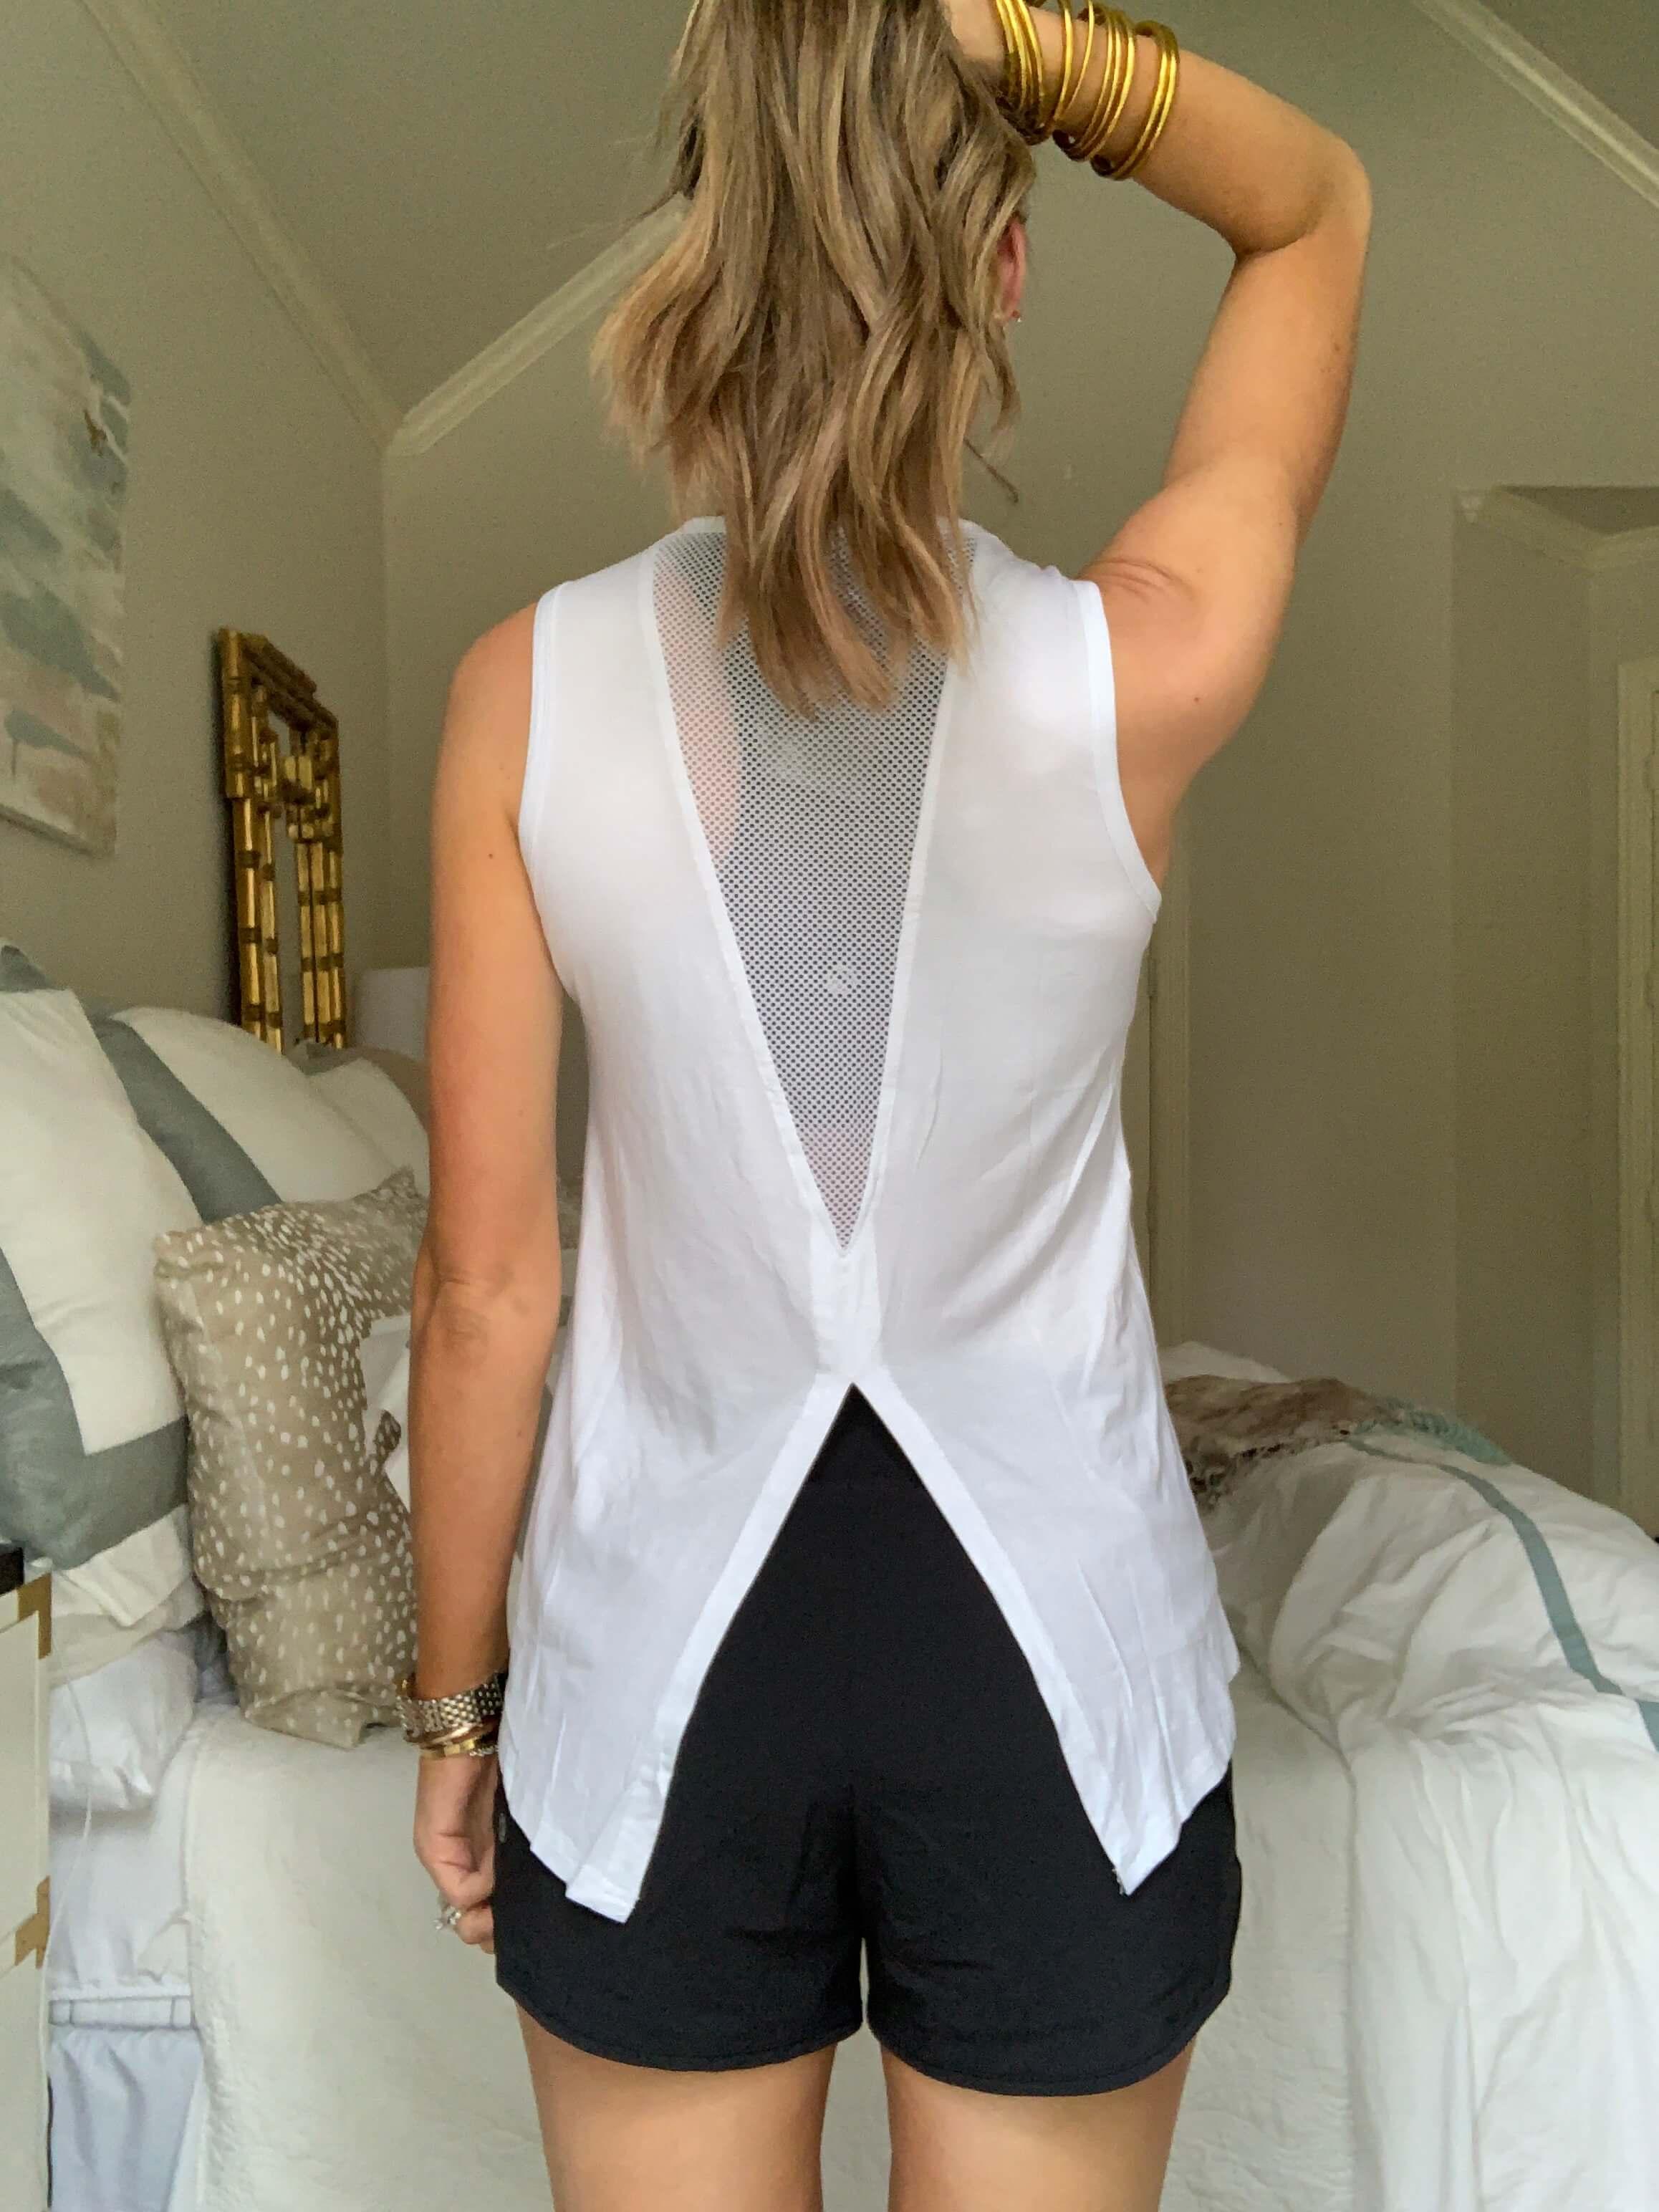 Amazon Fashion Haul | workout top | Style Your Senses